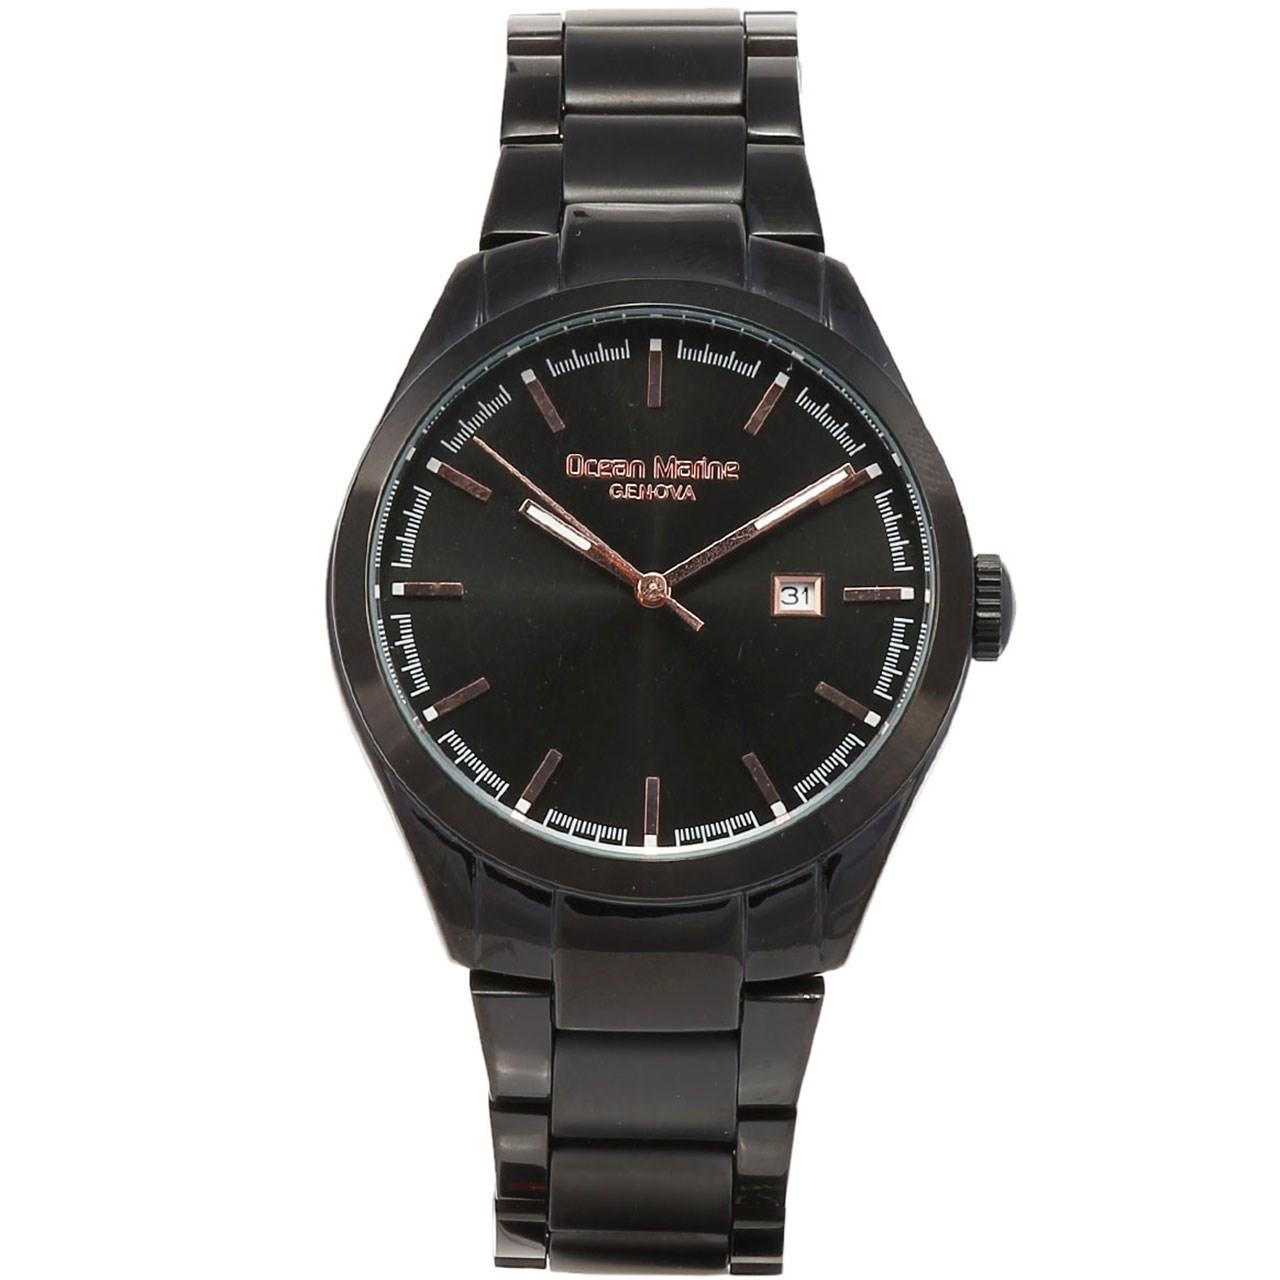 ساعت مچی عقربه ای مردانه اوشن مارین مدل OM-8019-3